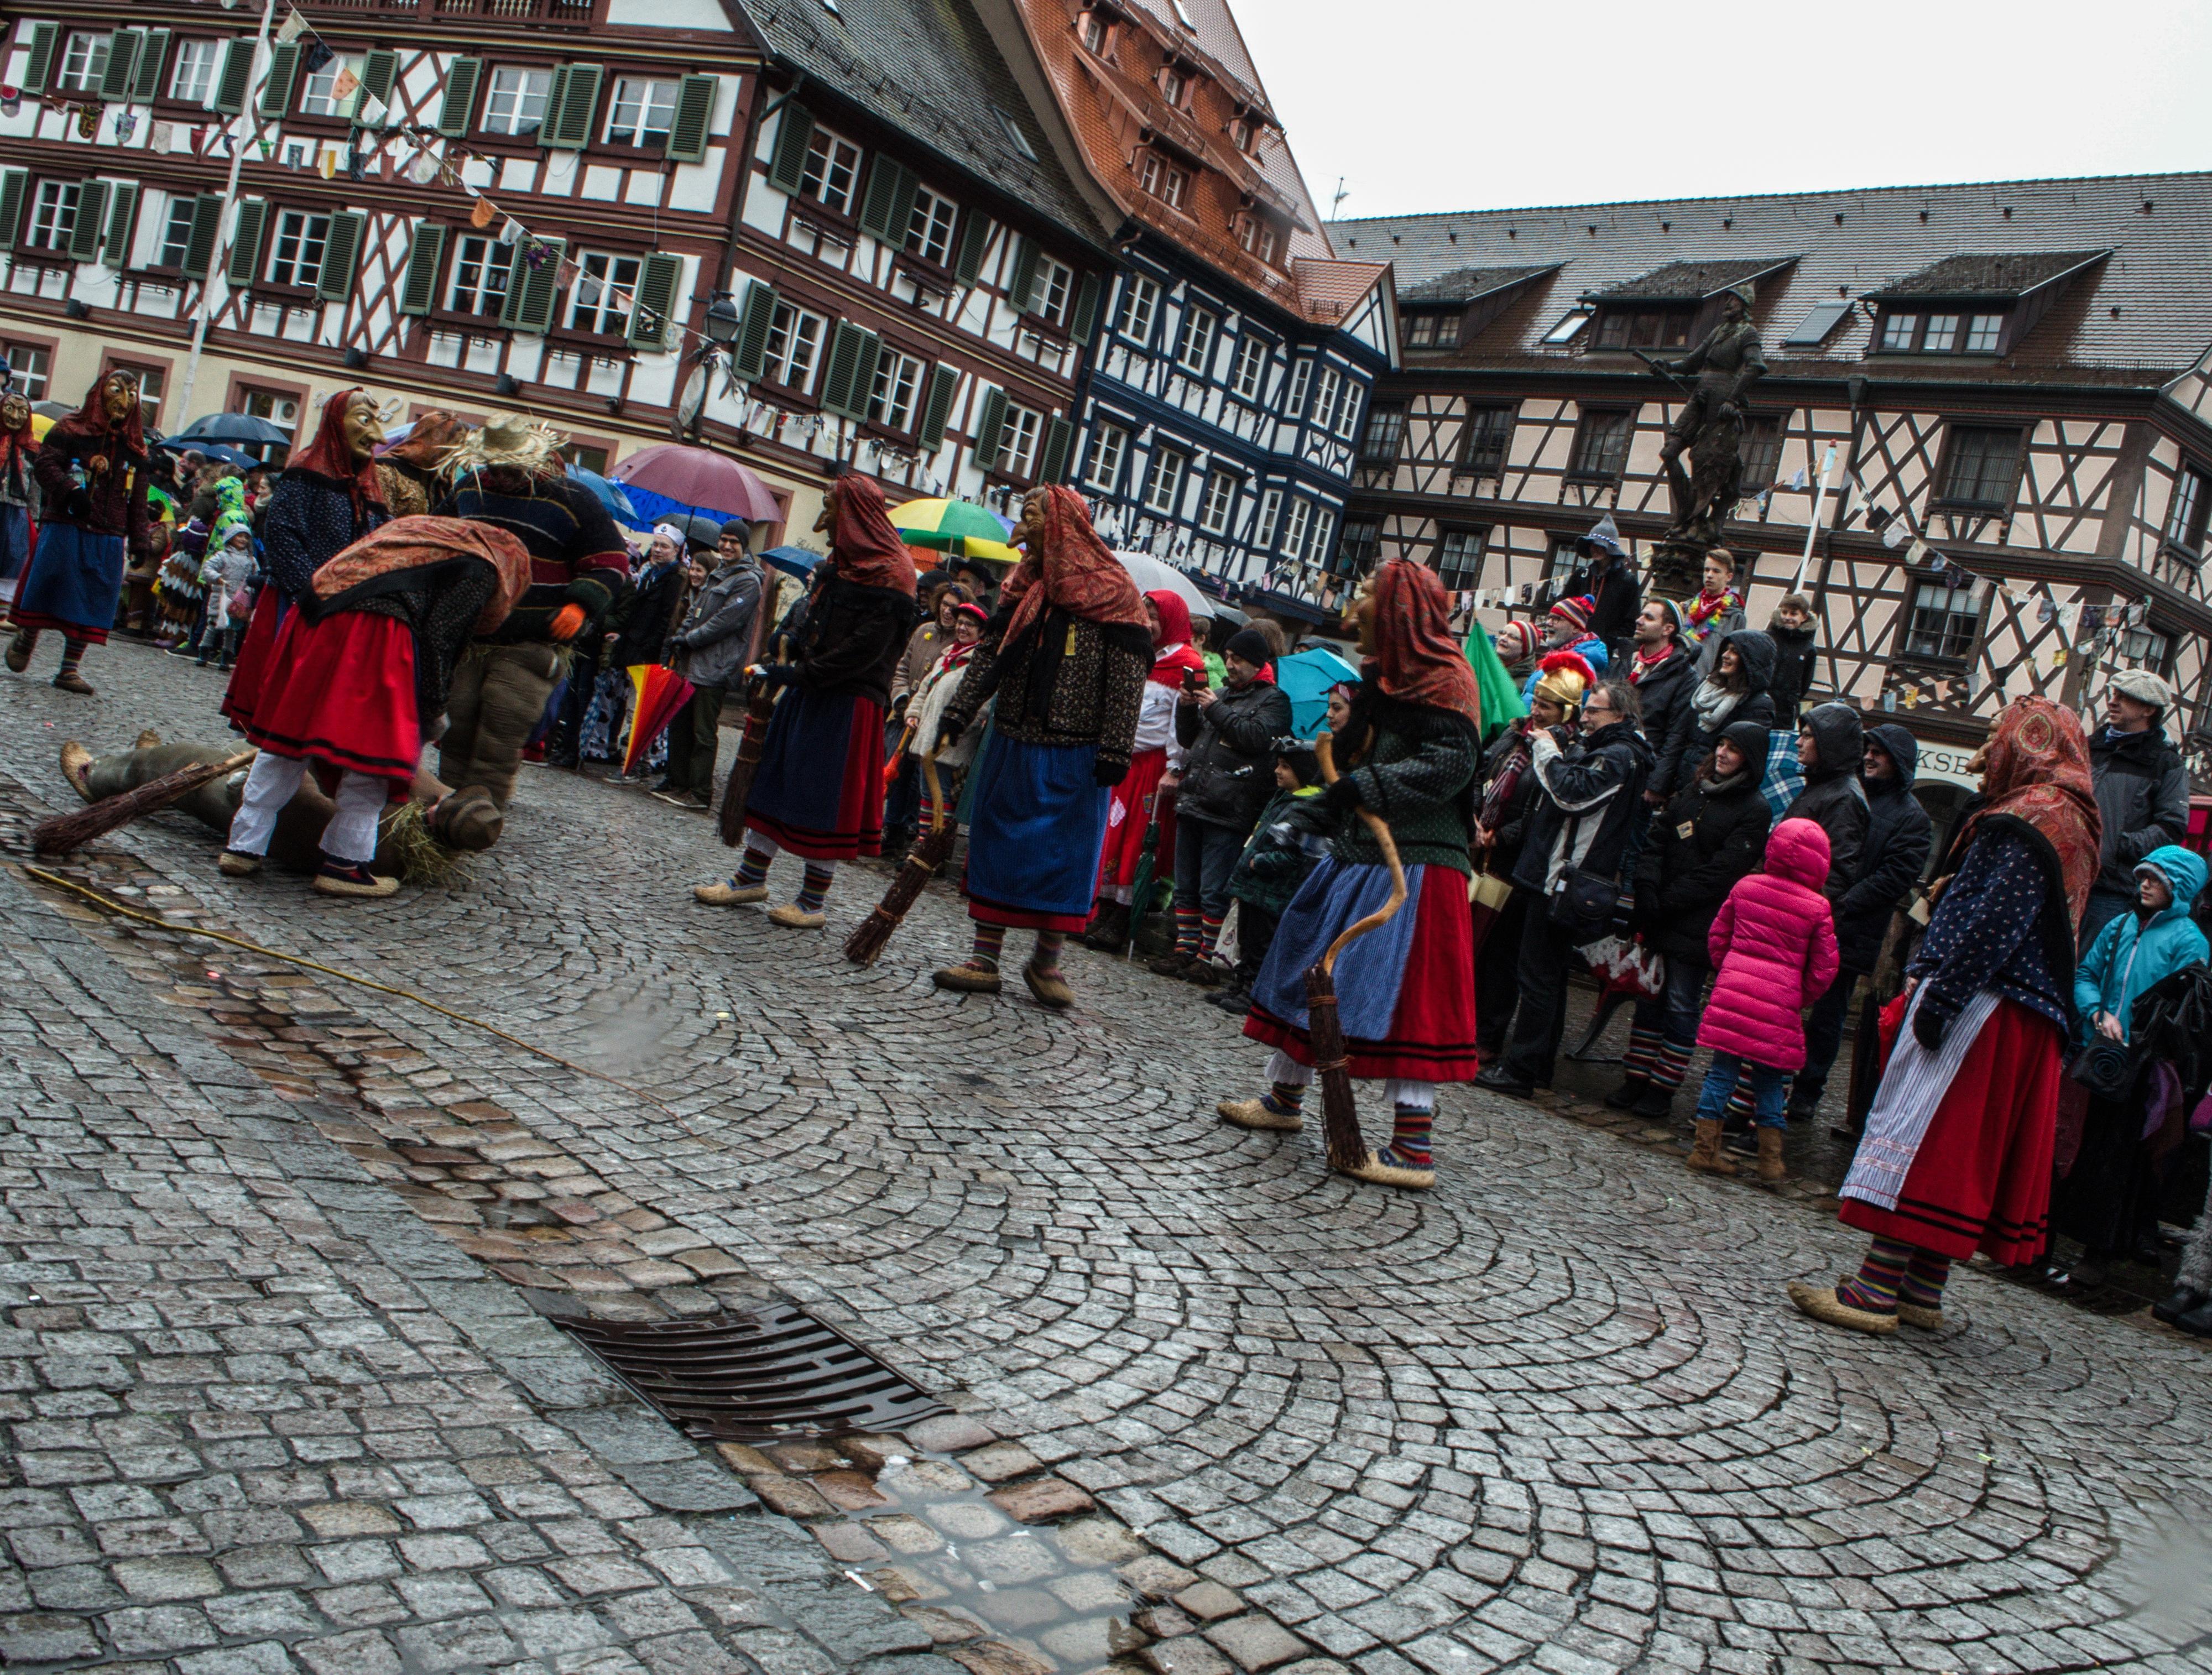 Испытания Люмберхунда, традиционный карнавал в Германии